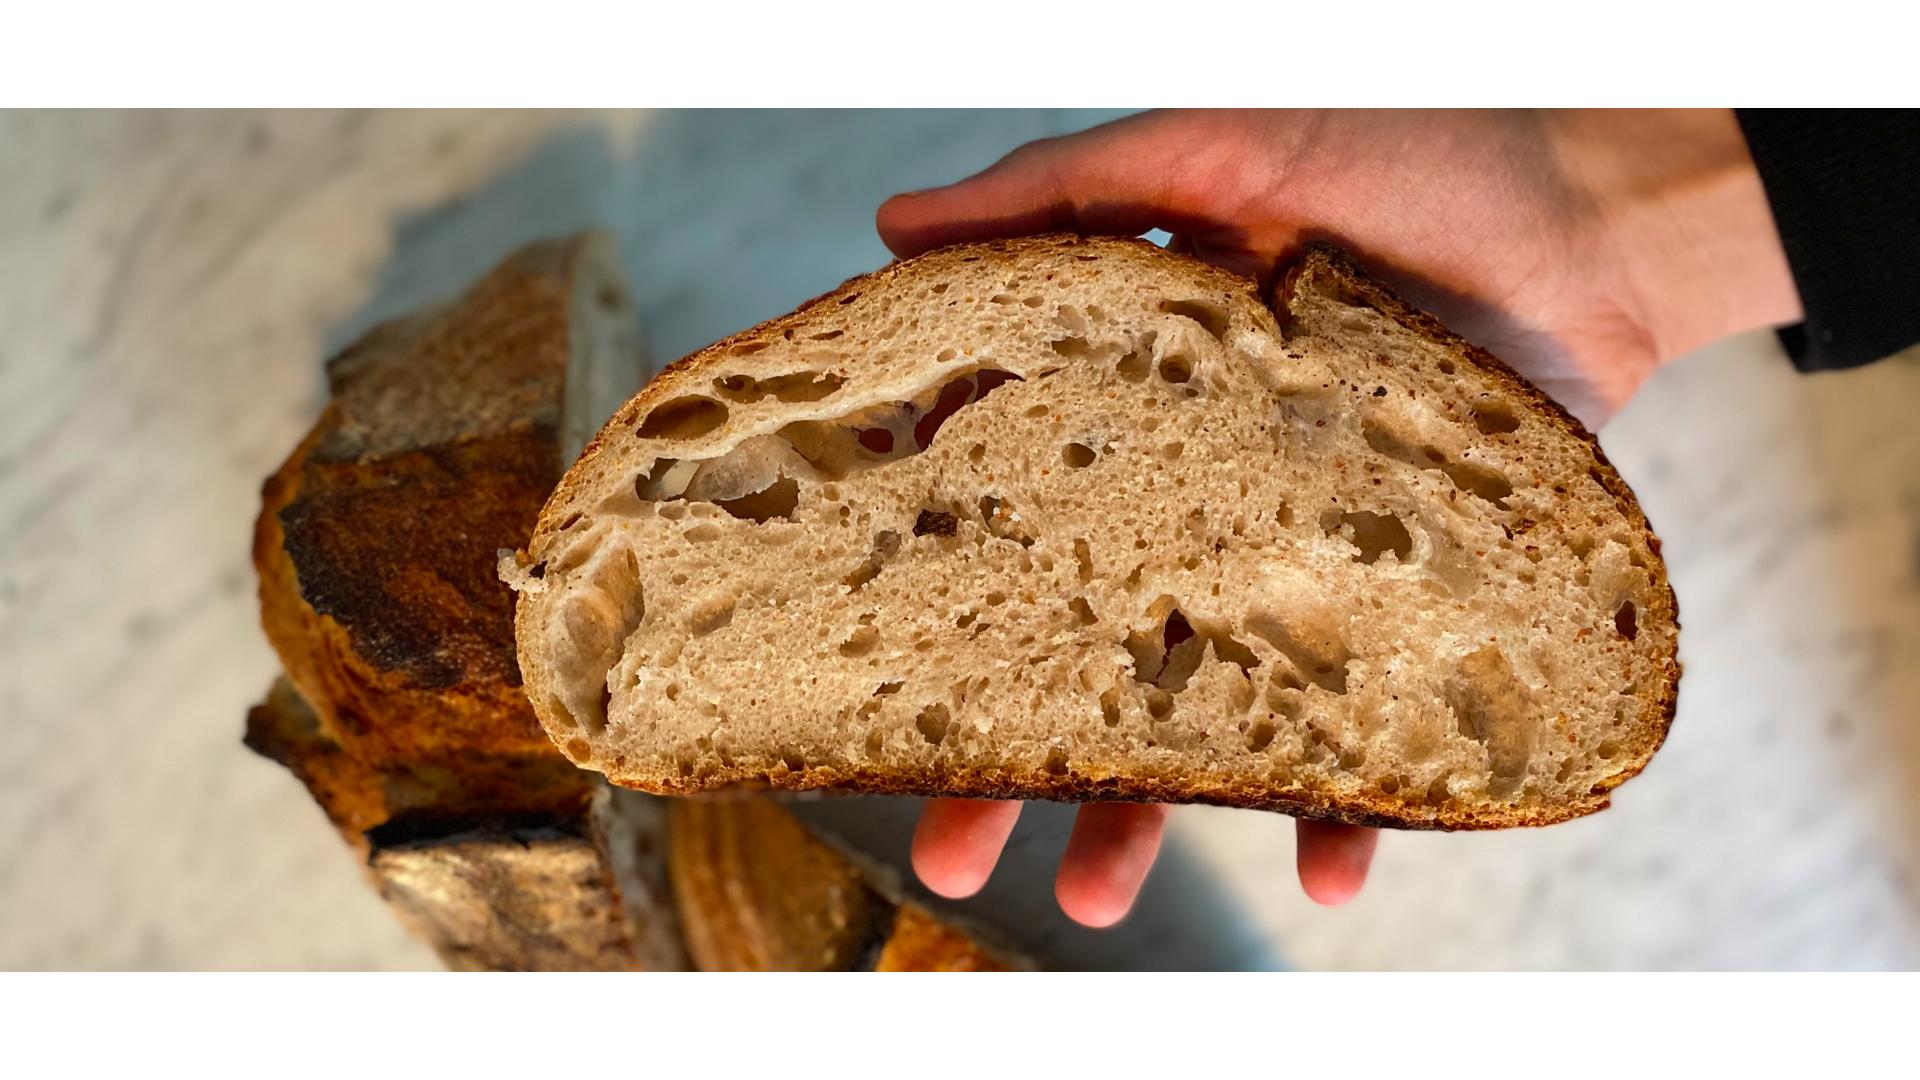 Doğru ekmek için kullanılmış yuvarlak ekmek görseli.